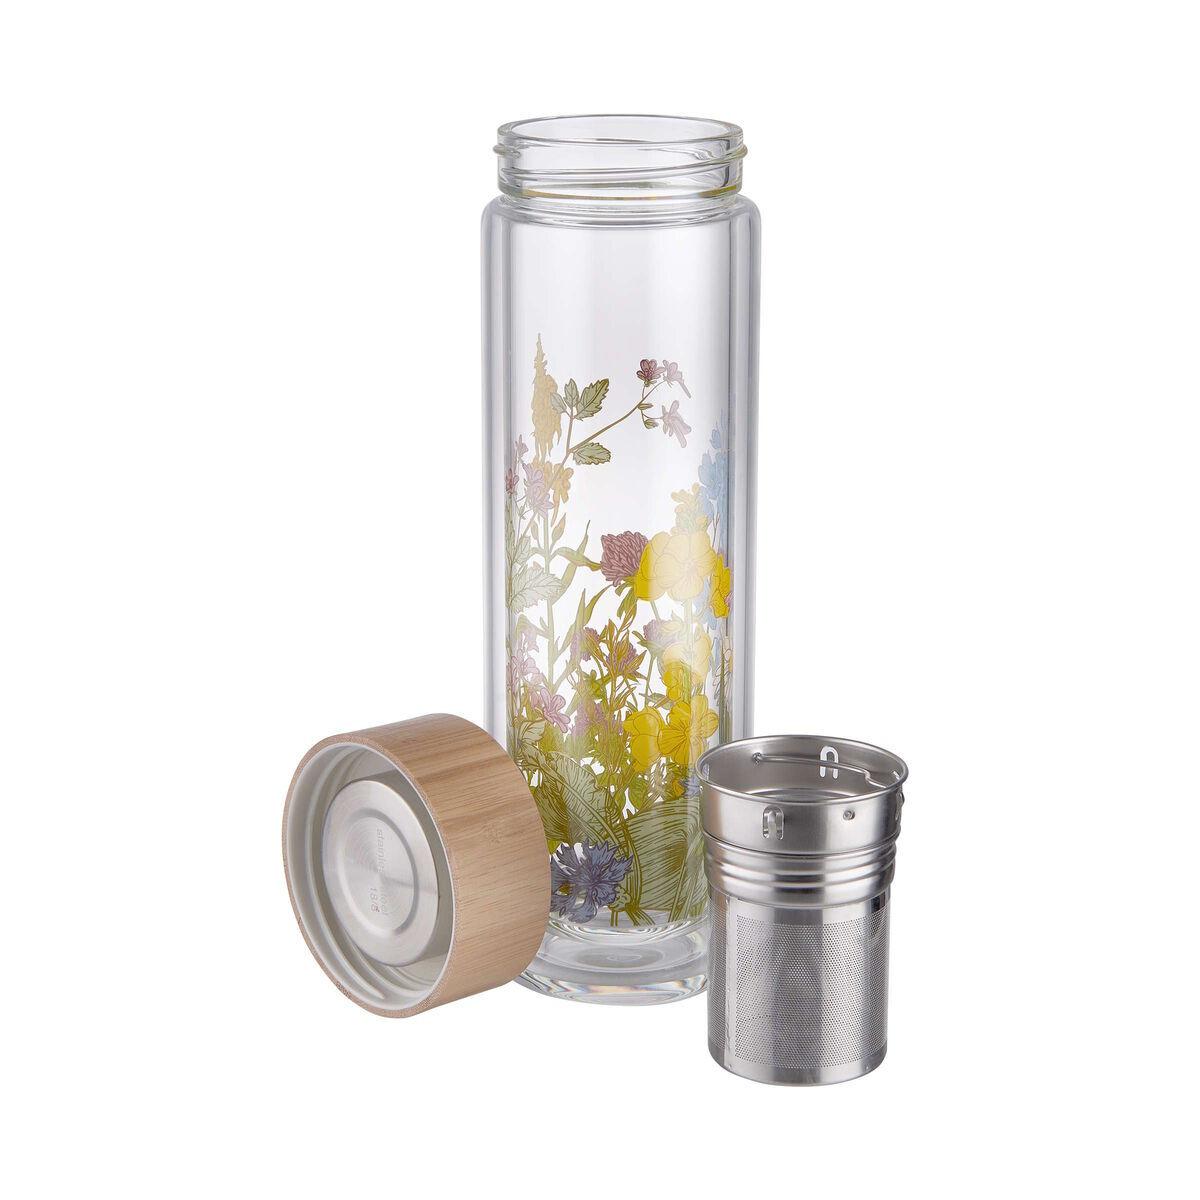 Bild 4 von TEA TENDER Teeflasche mit Blumendruck 450ml